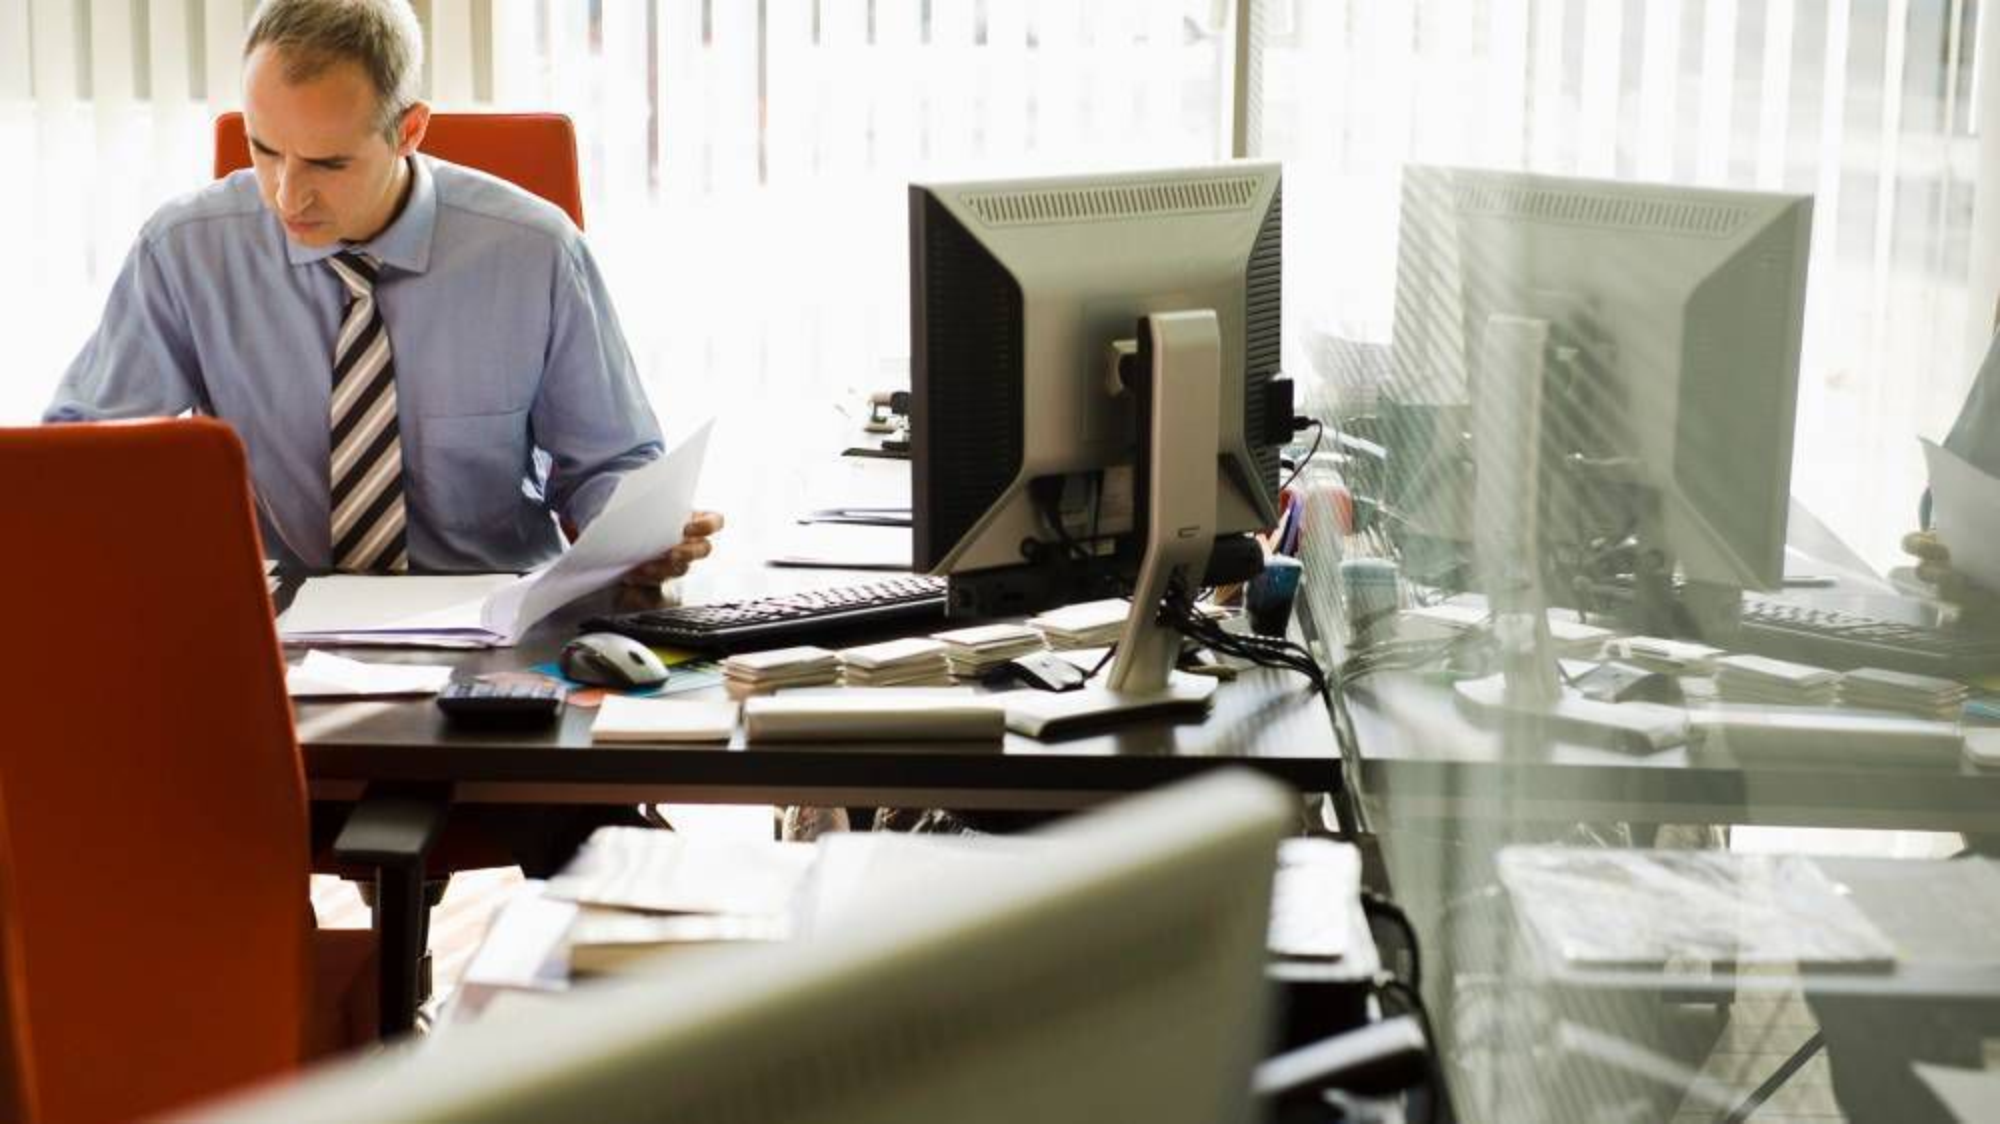 Intern rekruttering er vanlig i mange ingeniørbedrifter, dermed vil mange ingeniører få mulighet for lederansvar i løpet av karrieren.